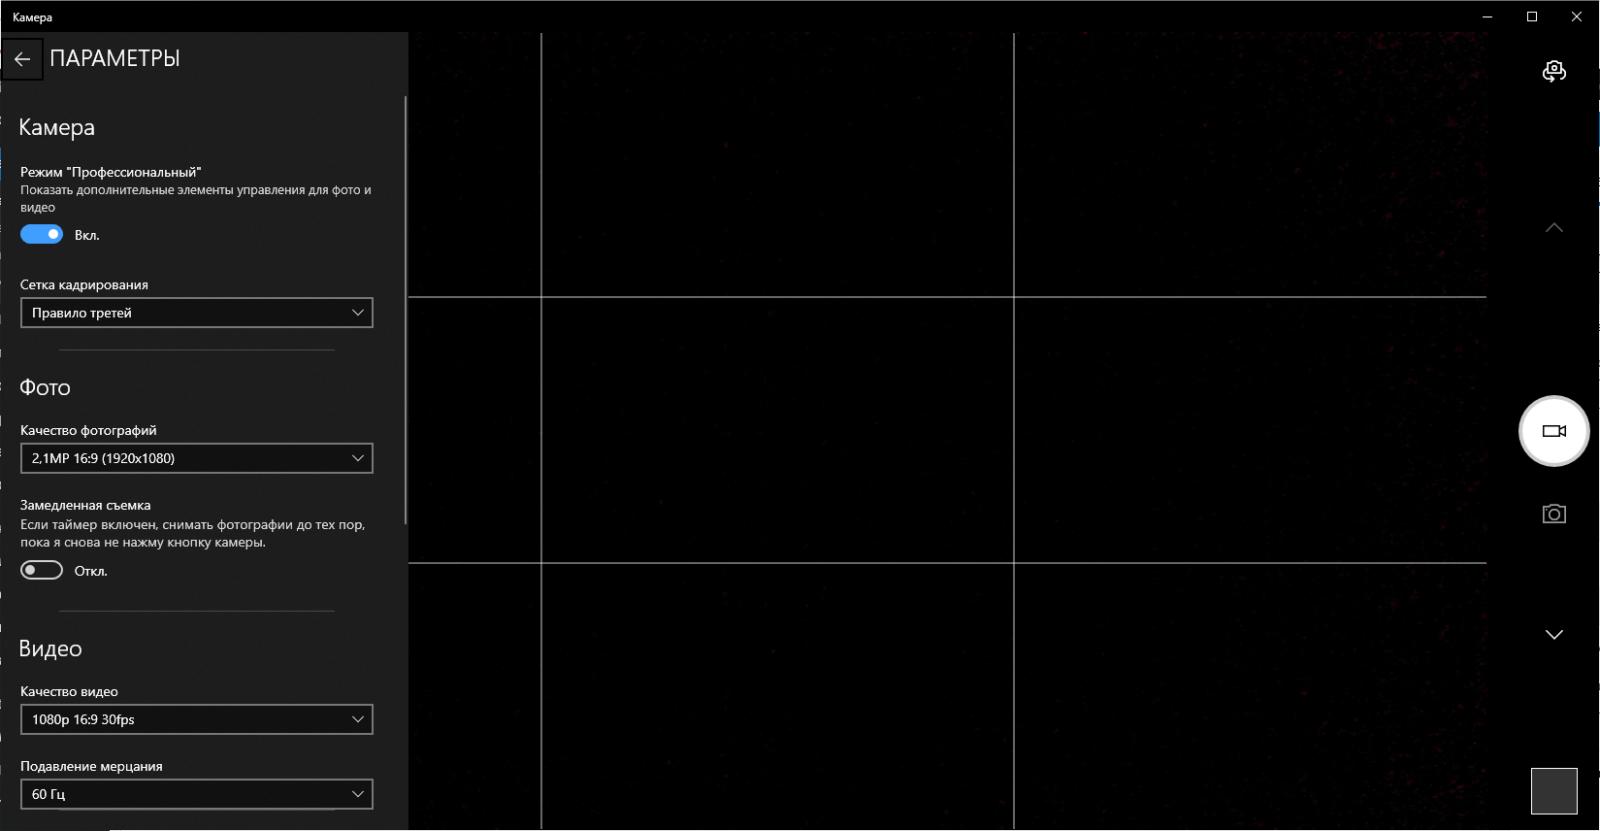 Обзор камеры JPL Vision Mini: видеозвонки во всей красе (image)